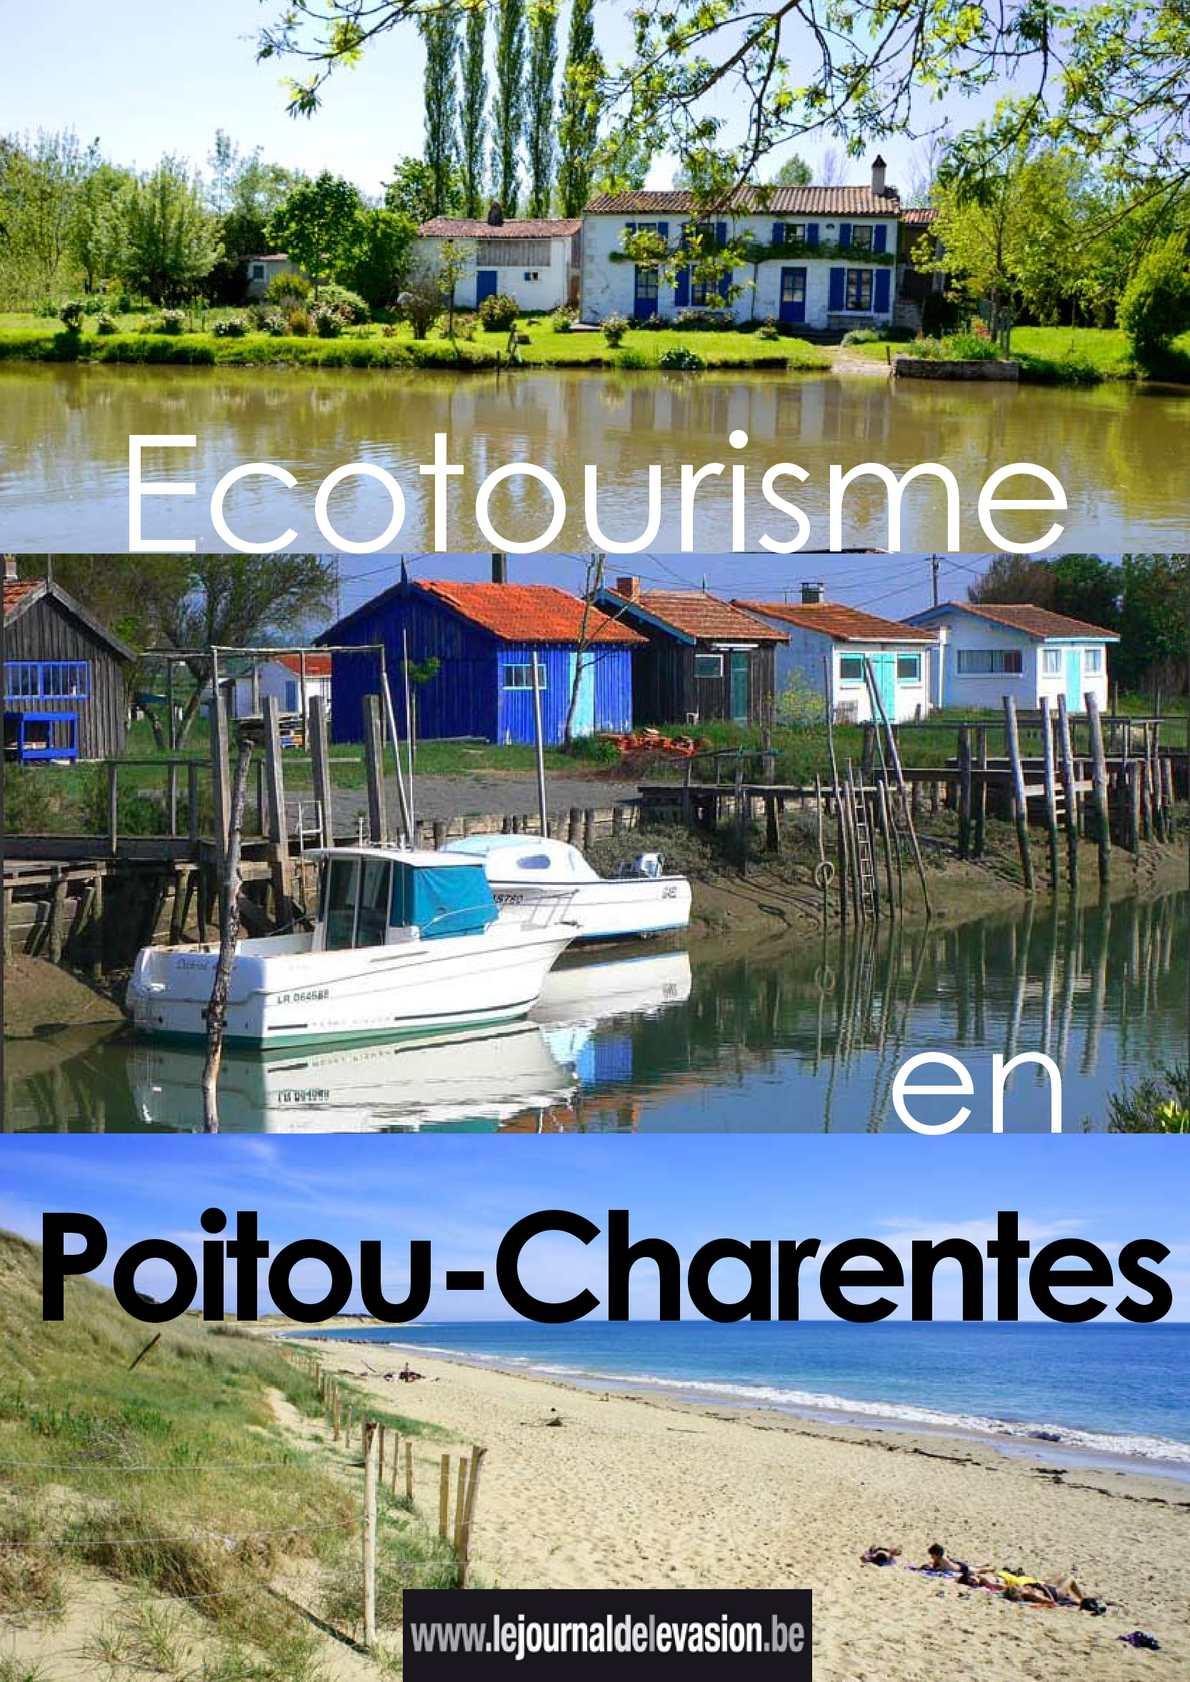 Ecotourisme en Poitou-Charentes: reportage du Journal de l'Evasion.be